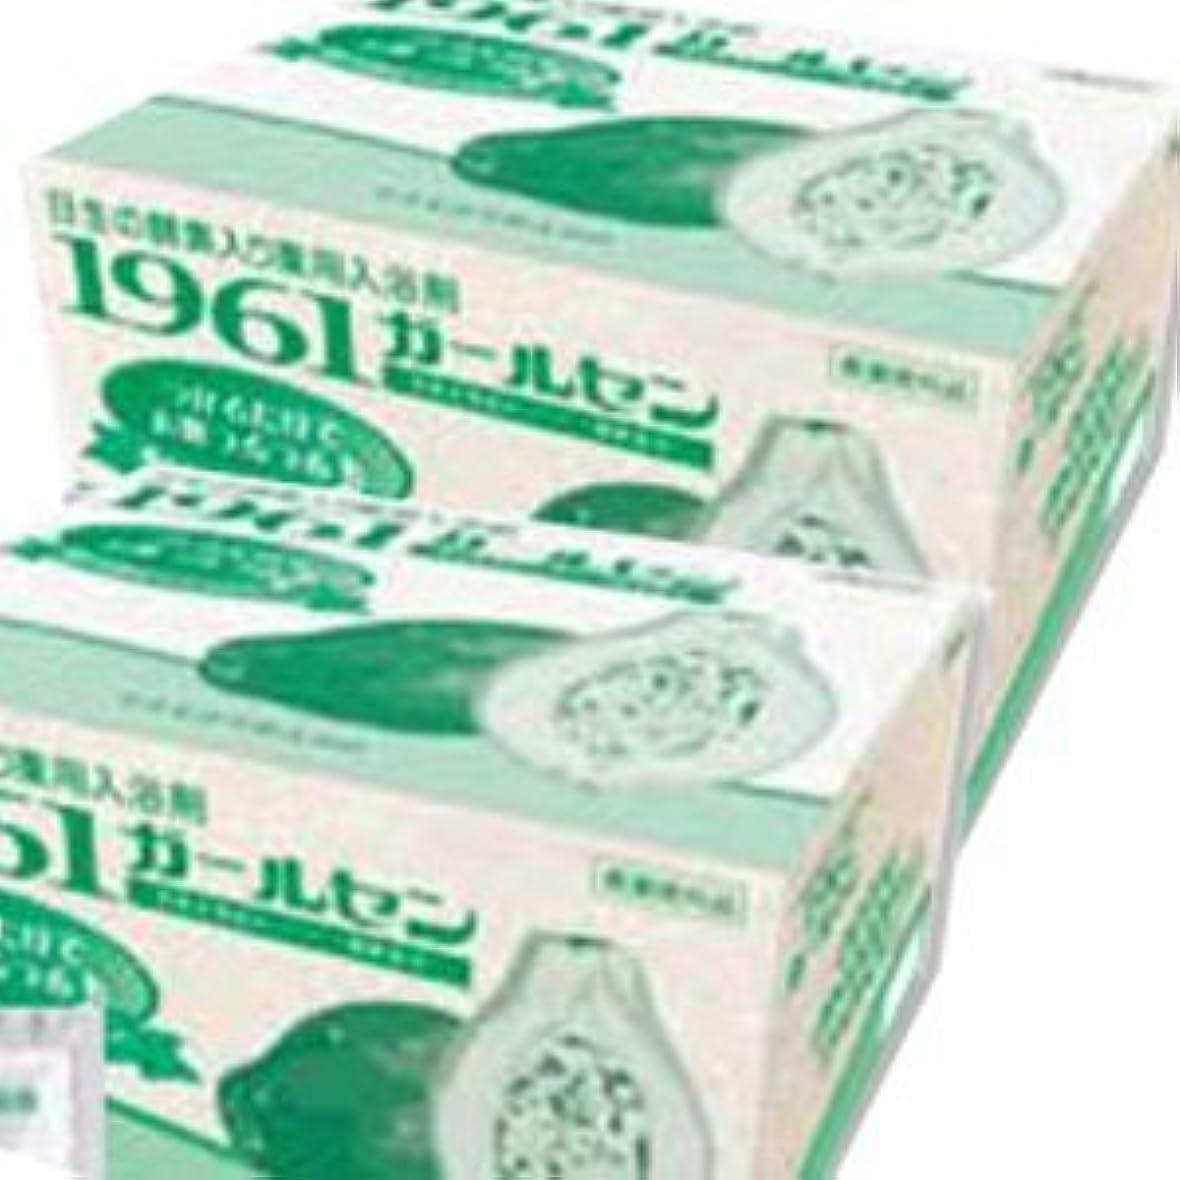 汚染する言い聞かせる周り日本生化学 薬用入浴剤 1961ガールセン (20g×60包)×2箱 (医薬部外品)